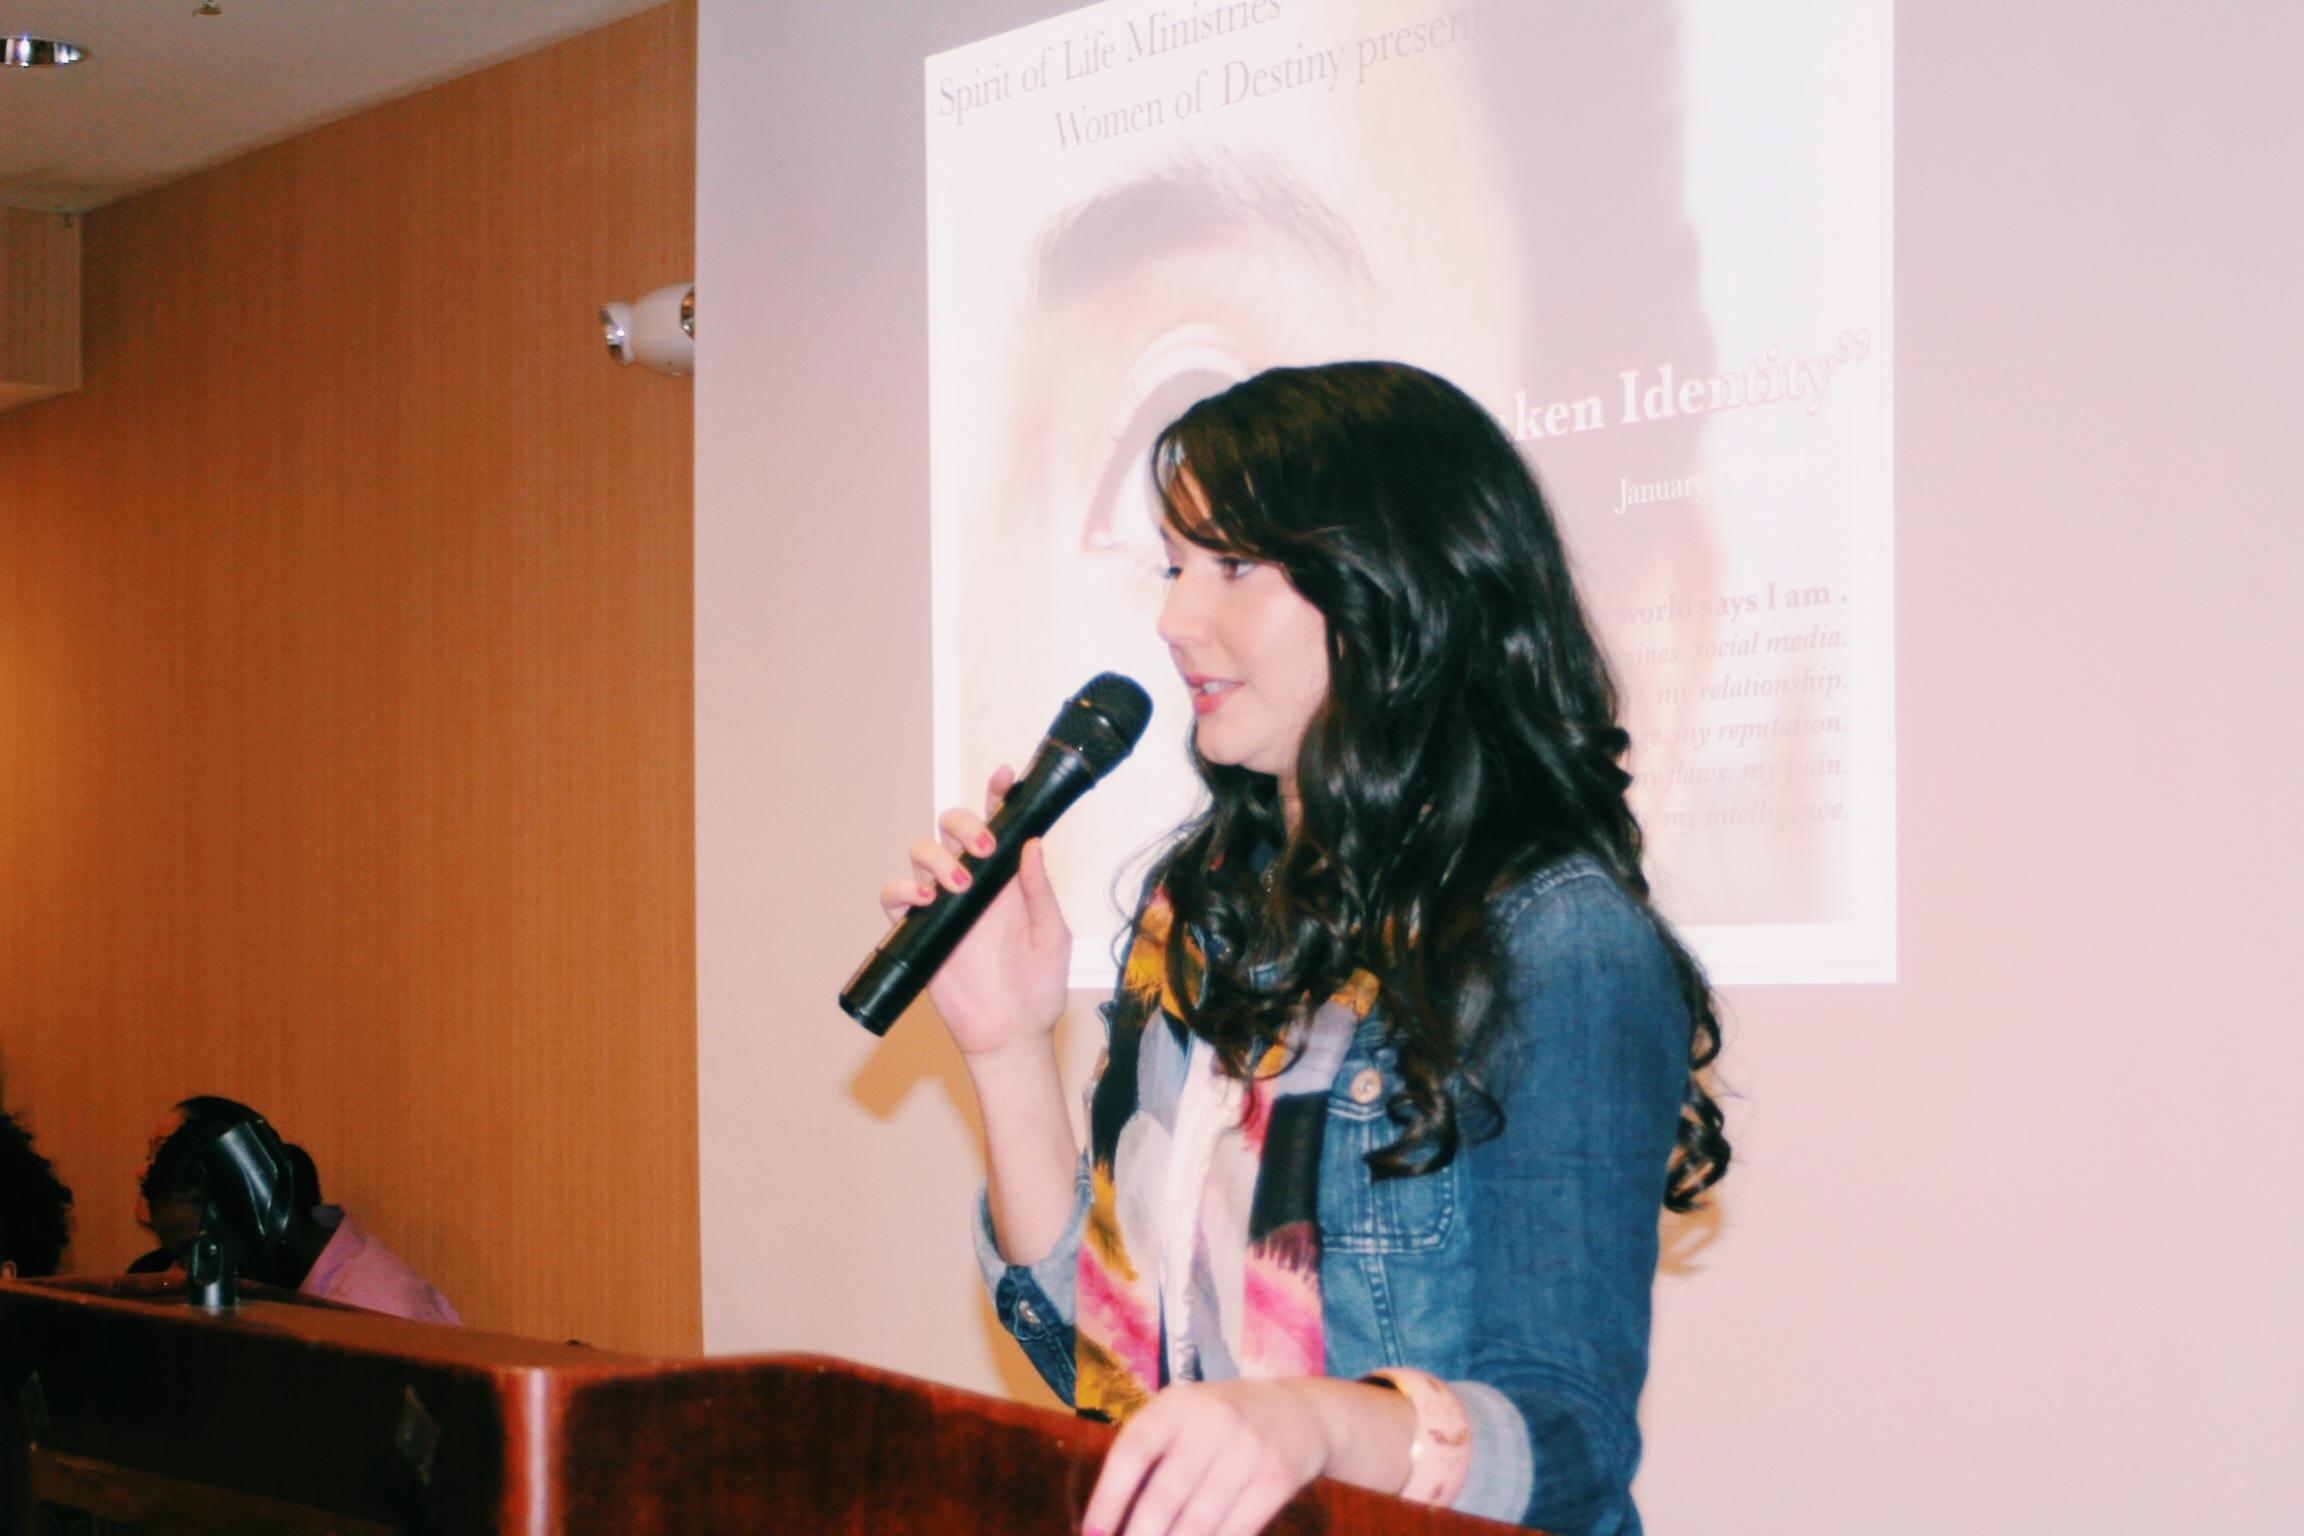 Women of Destiny Guest Speaker